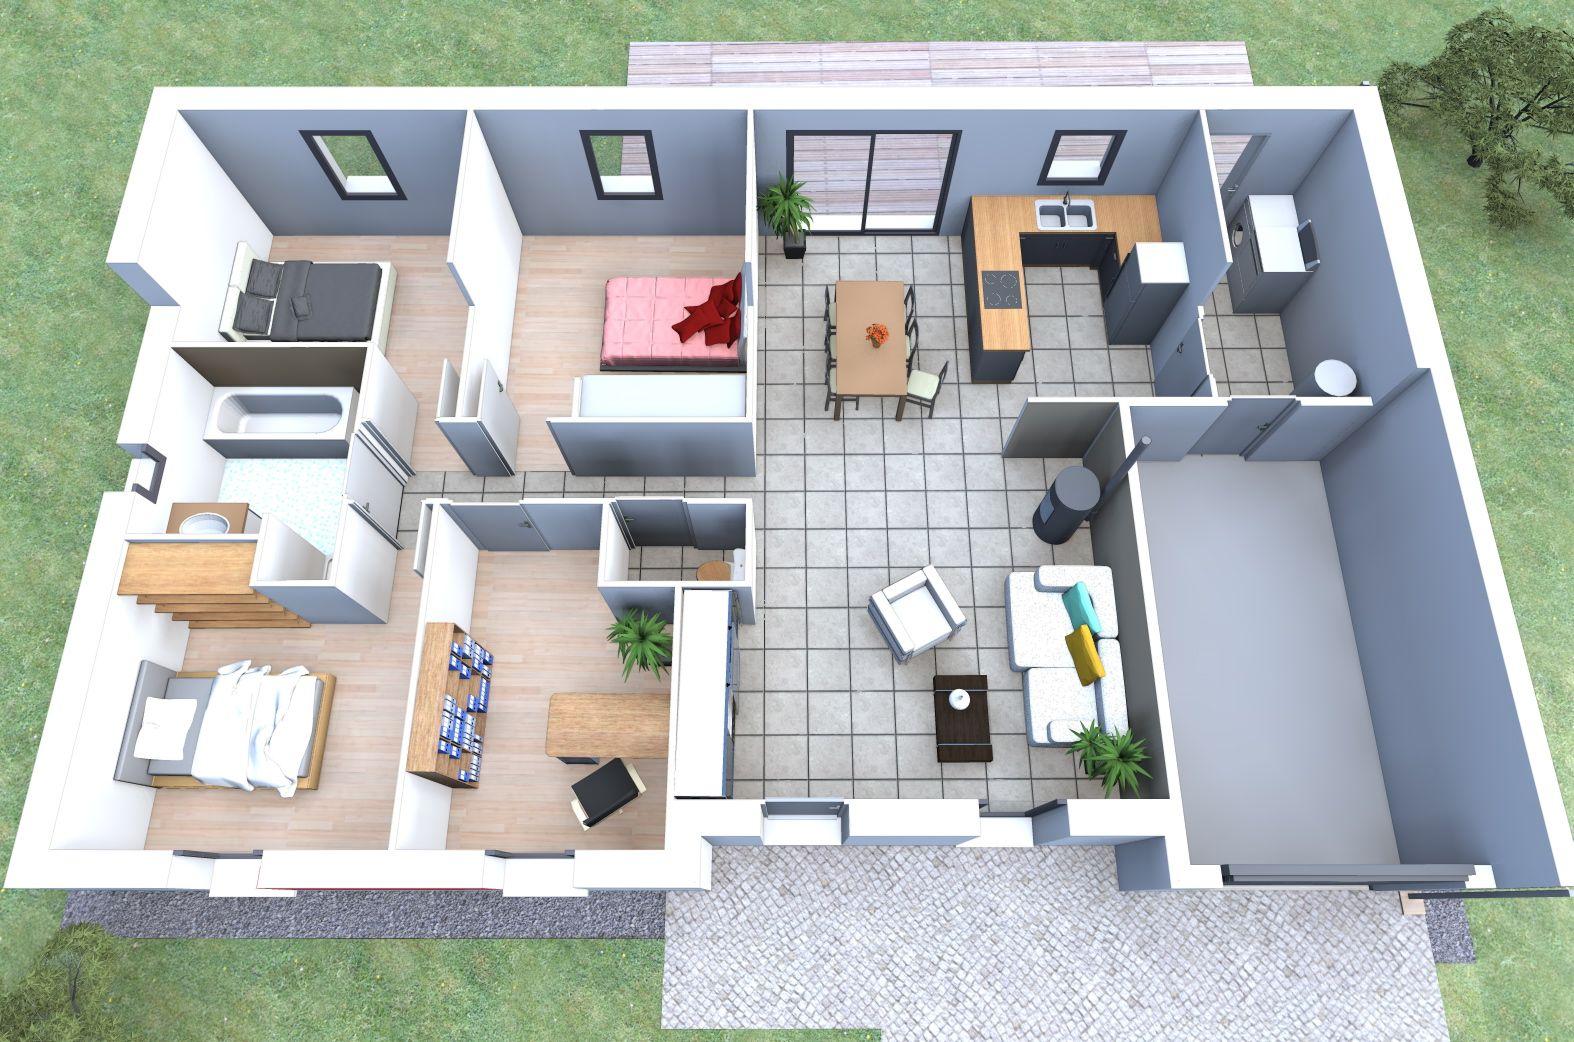 Votre future maison 4 chambres garage par alliance for Plan de maison constructeur